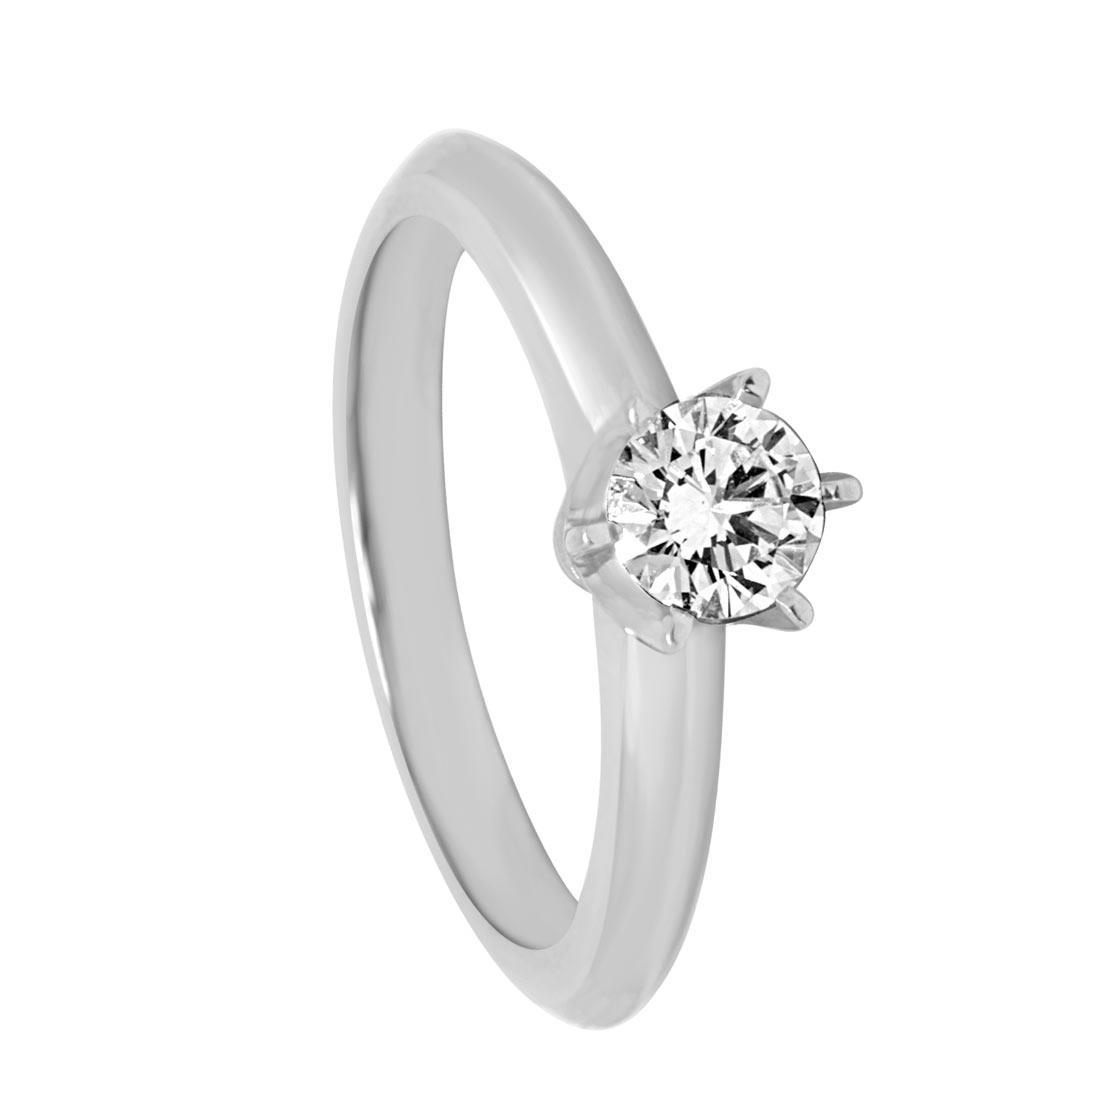 Anello solitario in oro bianco e diamante ct 0.42  misura 13 - ORO&CO